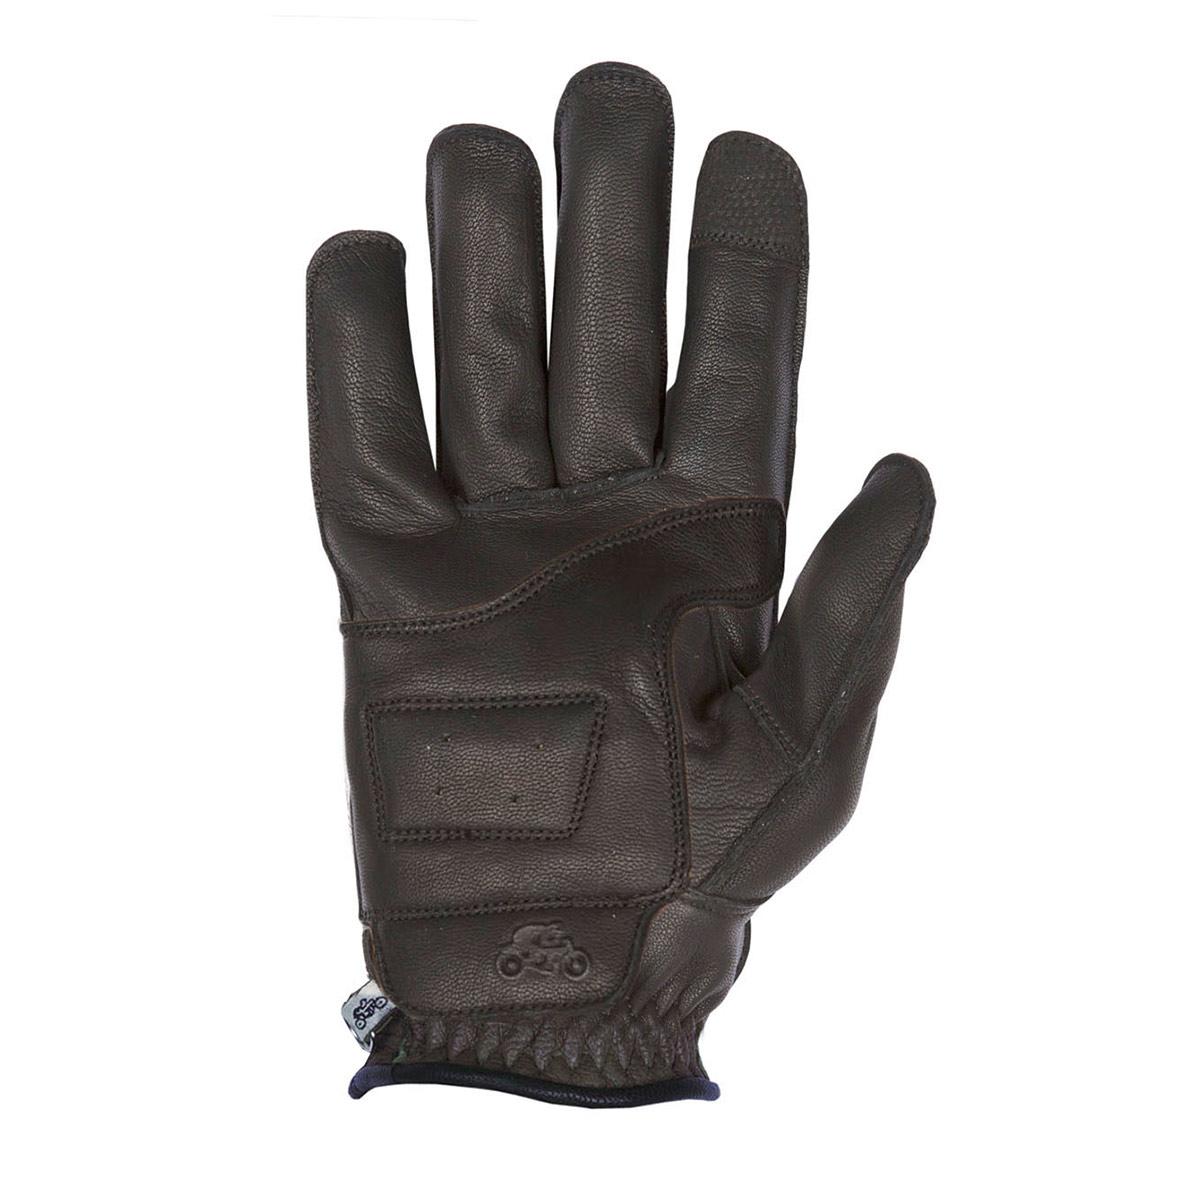 Helstons Hiro Black Summer Glove